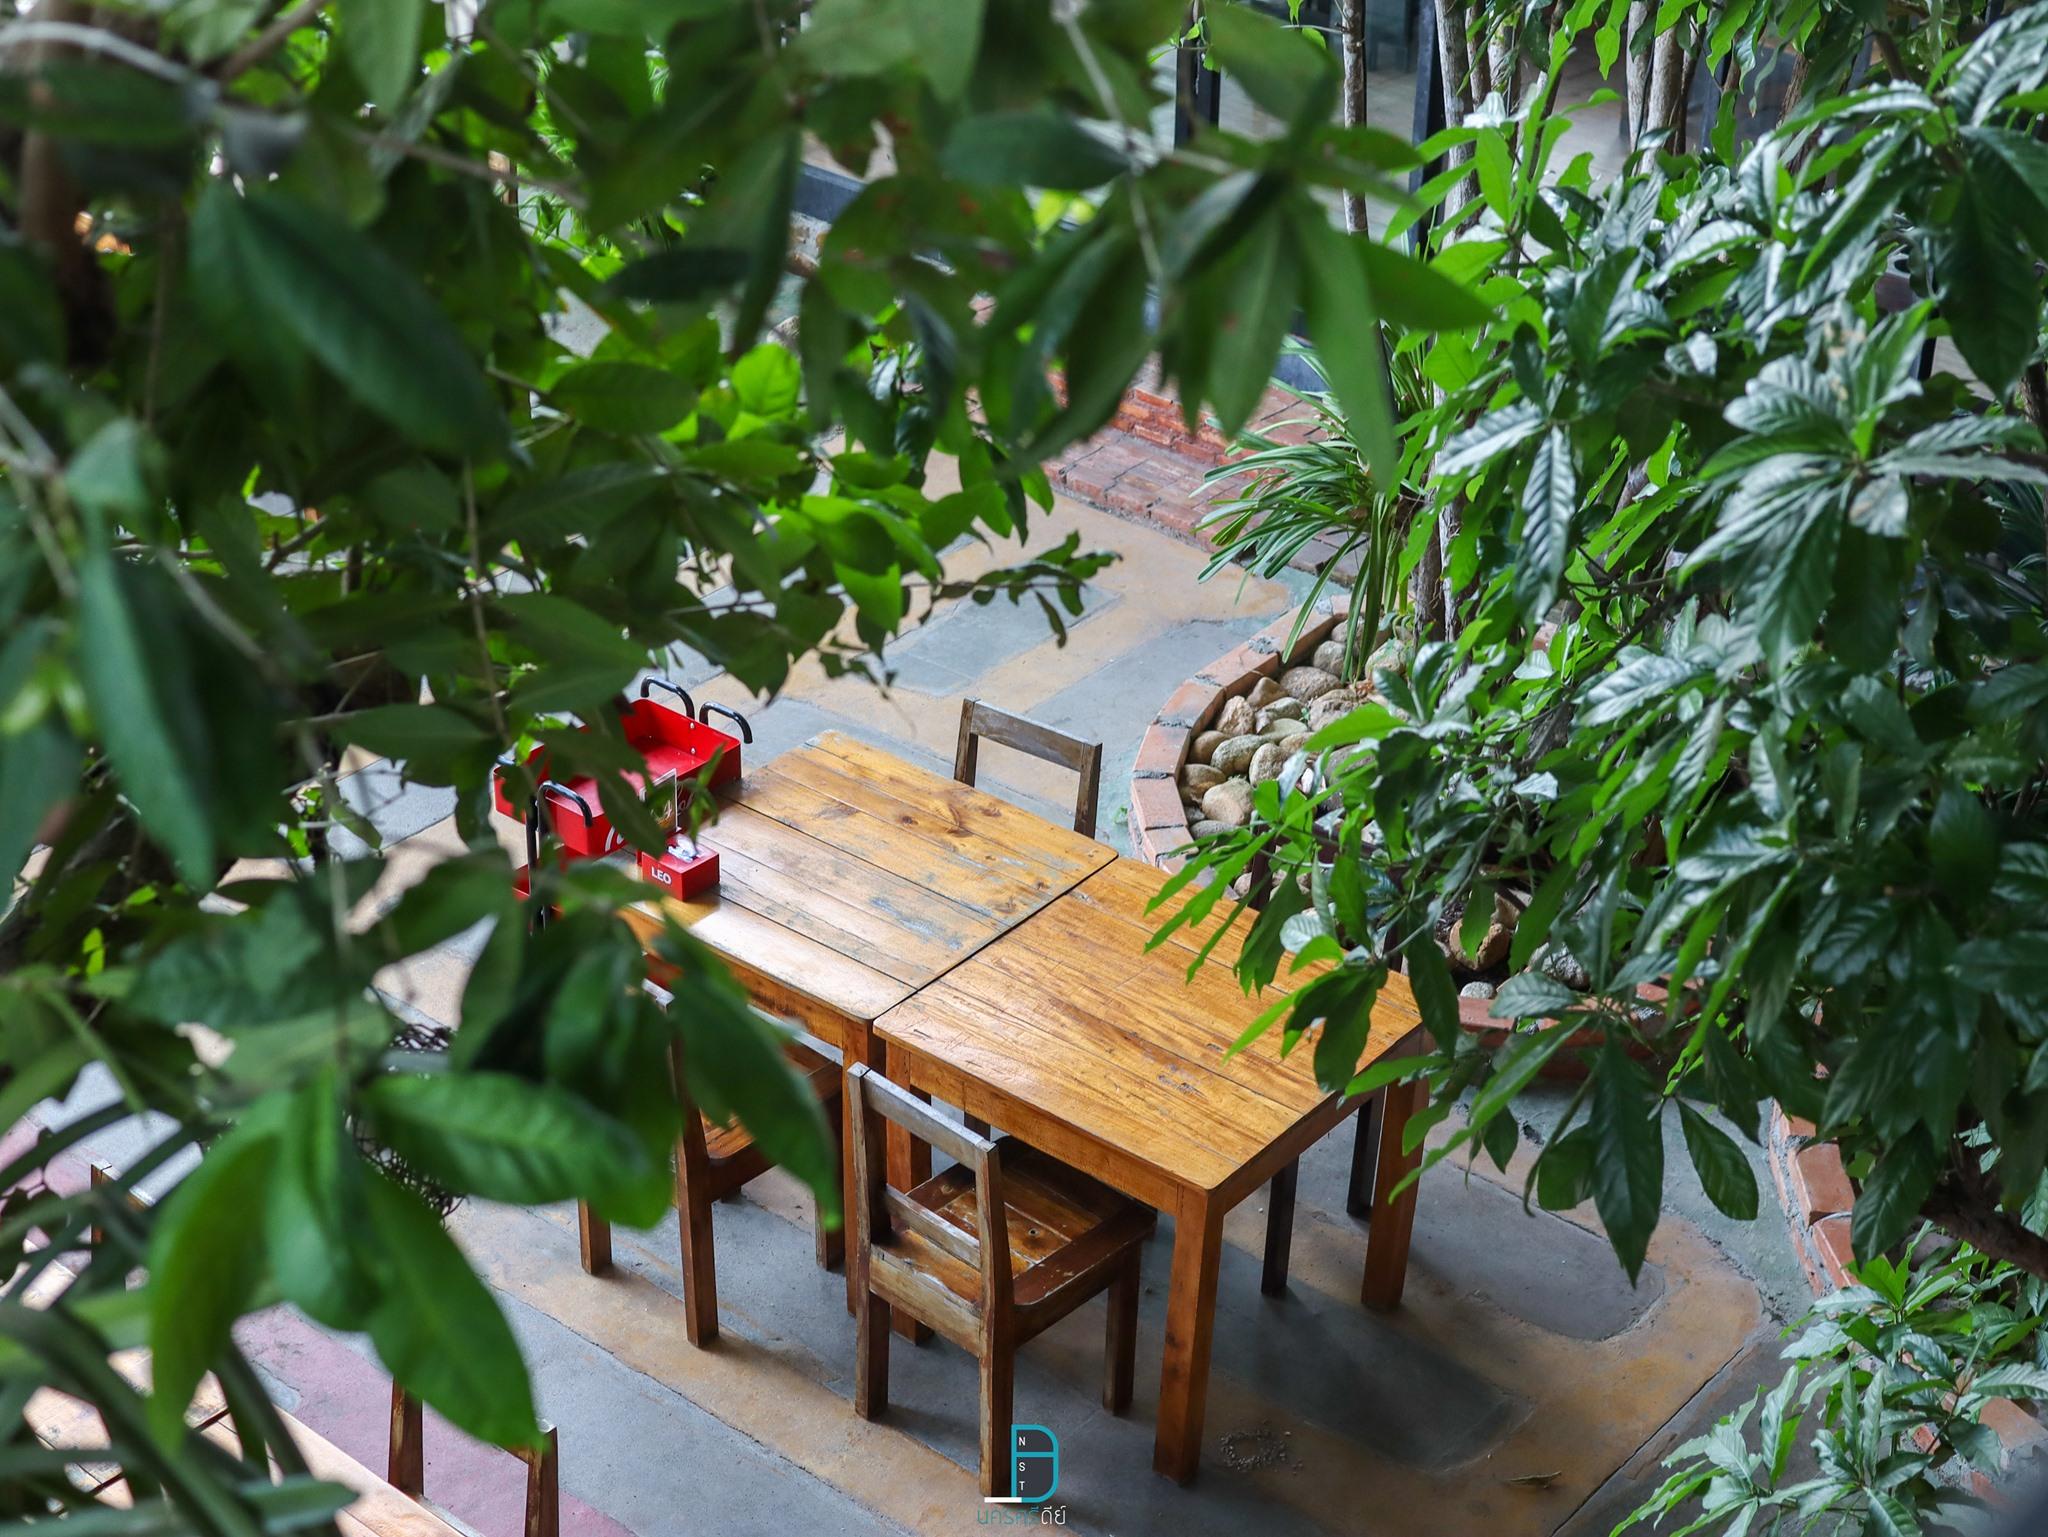 ร้านอาหาร นครศรีธรรมราช ตู้เสบียง ห้องครัวของคนนคร อร่อยเด็ด นครศรีดีย์